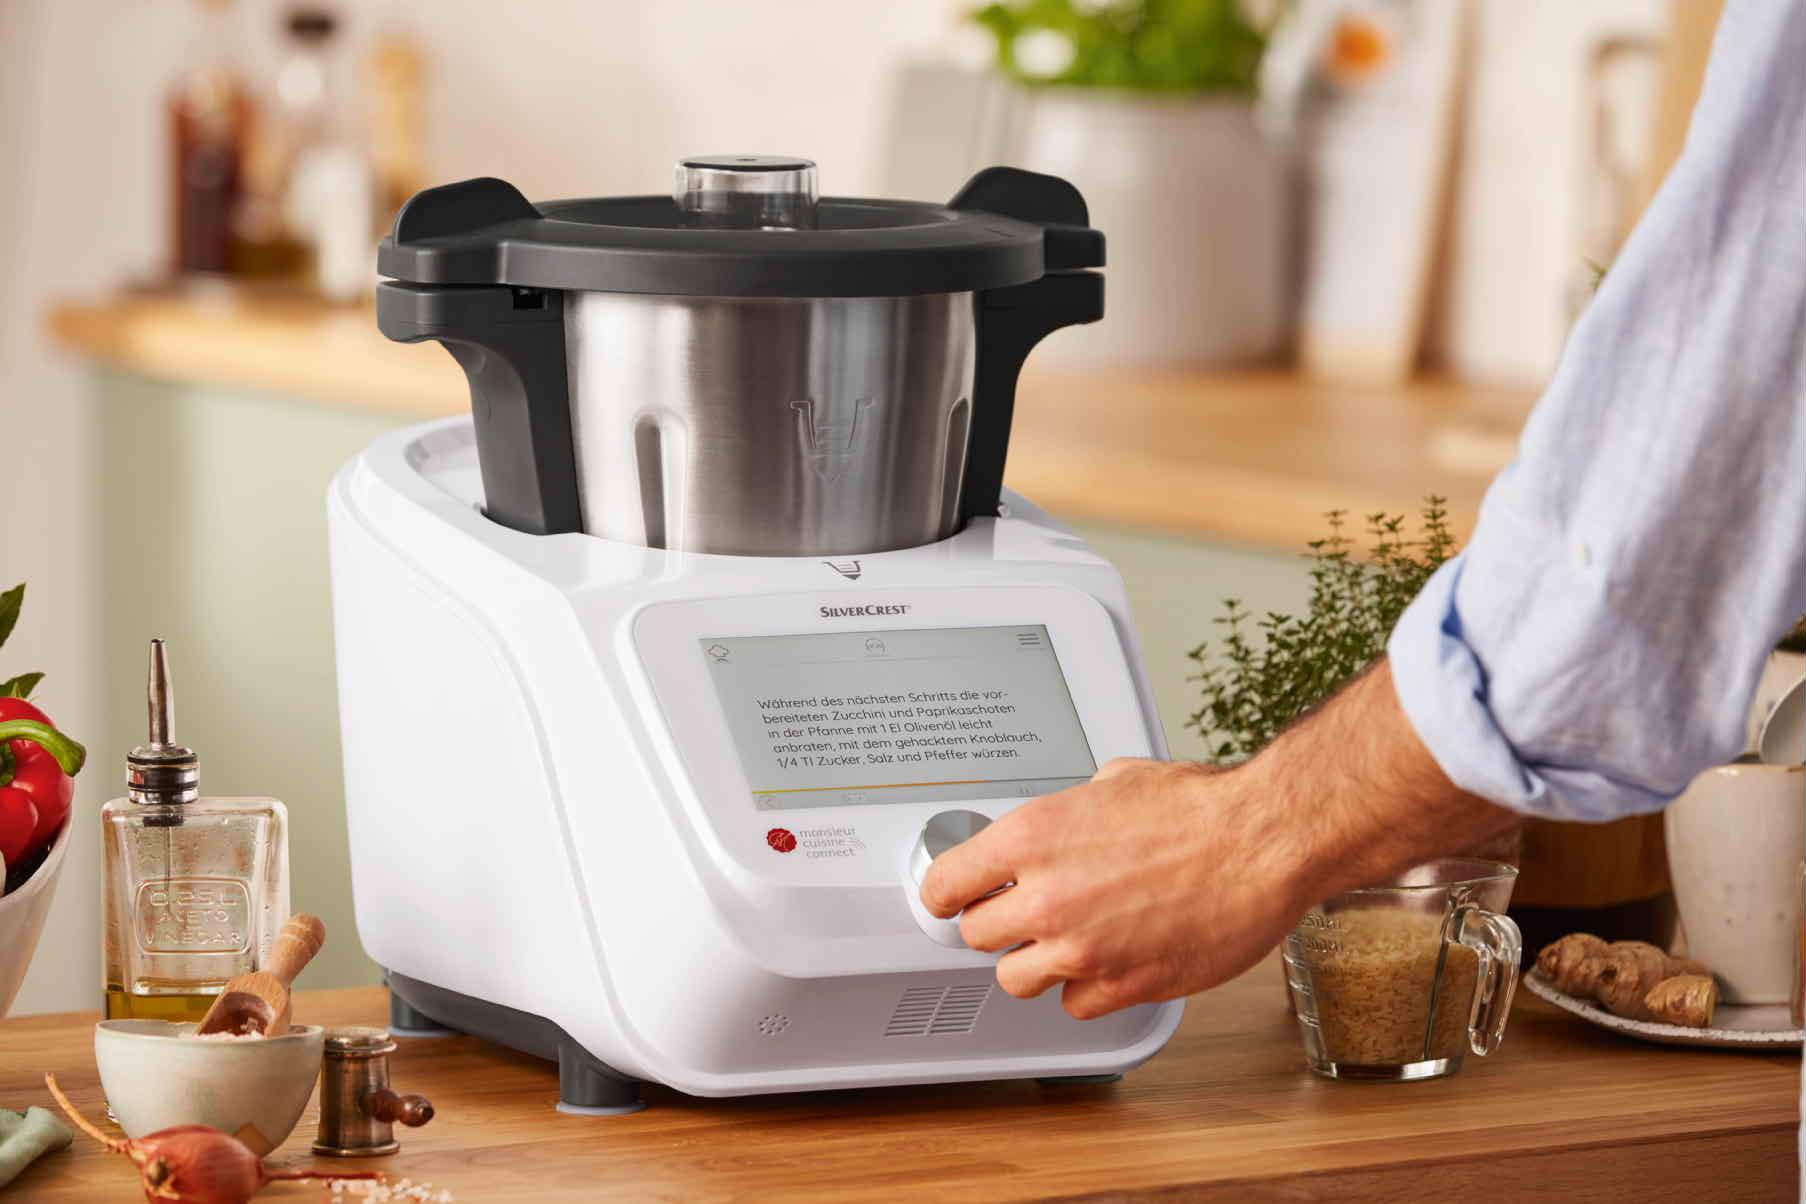 Image Result For Recetas De Cocina Robot